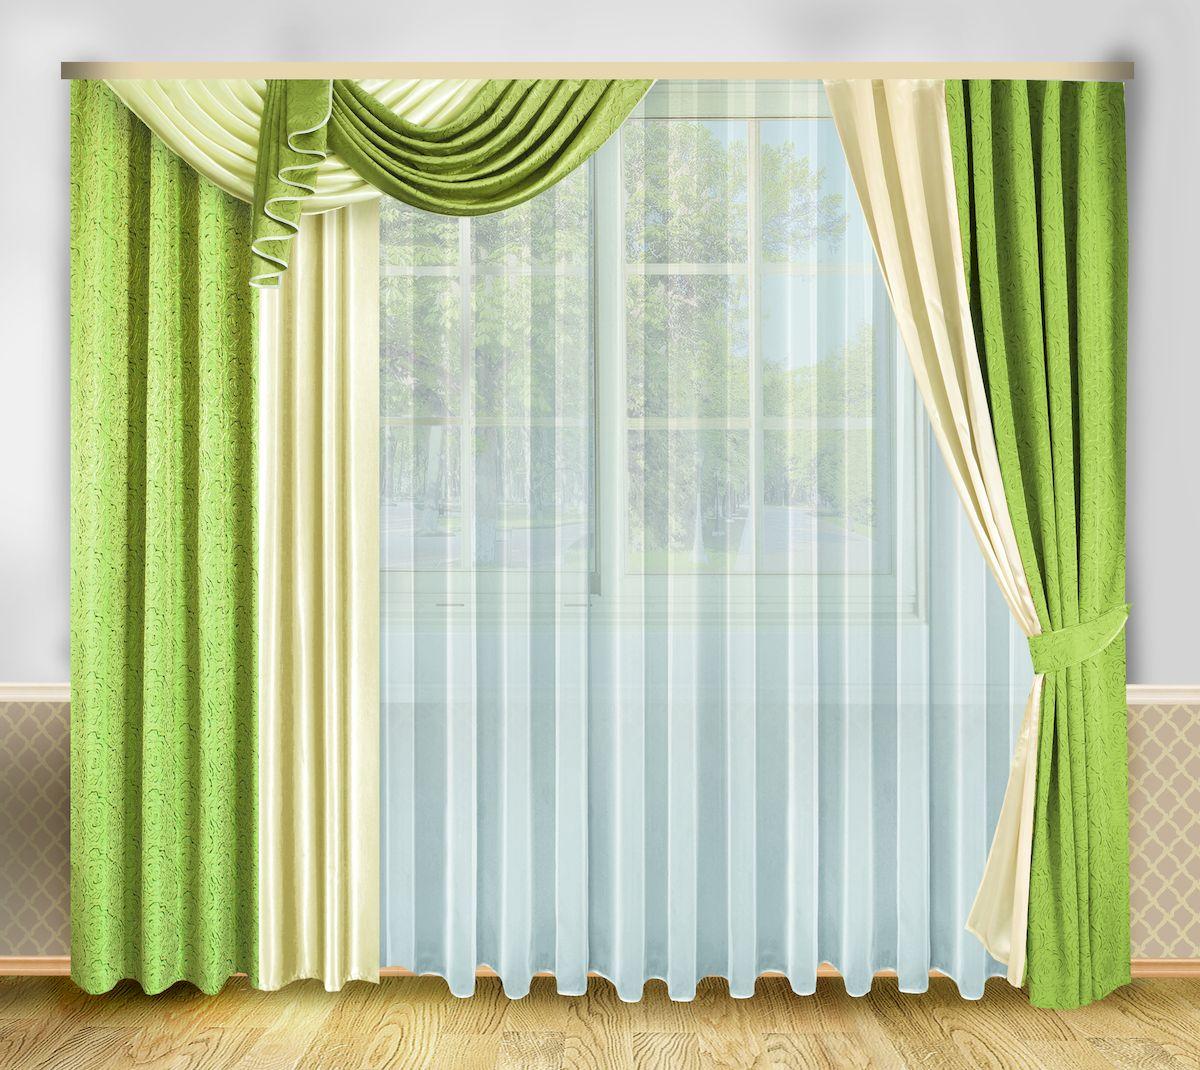 Комплект штор Zlata Korunka, на ленте, цвет: зеленый, высота 250 см. 3333283111417376Роскошный комплект штор Zlata Korunka, выполненный из полиэстера, великолепно украсит любое окно. Комплект состоит из тюля, ламбрекена, двух штор и двух подхватов. Изящный узор и приятная цветовая гамма привлекут к себе внимание и органично впишутся в интерьер помещения. Этот комплект будет долгое время радовать вас и вашу семью!Комплект крепится на карниз при помощи ленты, которая поможет красиво и равномерно задрапировать верх.В комплект входит: Тюль: 1 шт. Размер (Ш х В): 500 см х 250 см. Ламбрекен: 1 шт. Размер (Ш х В): 140 см х 45 см. Штора: 2 шт. Размер (Ш х В): 208 см х 250 см.Подхват: 2 шт.